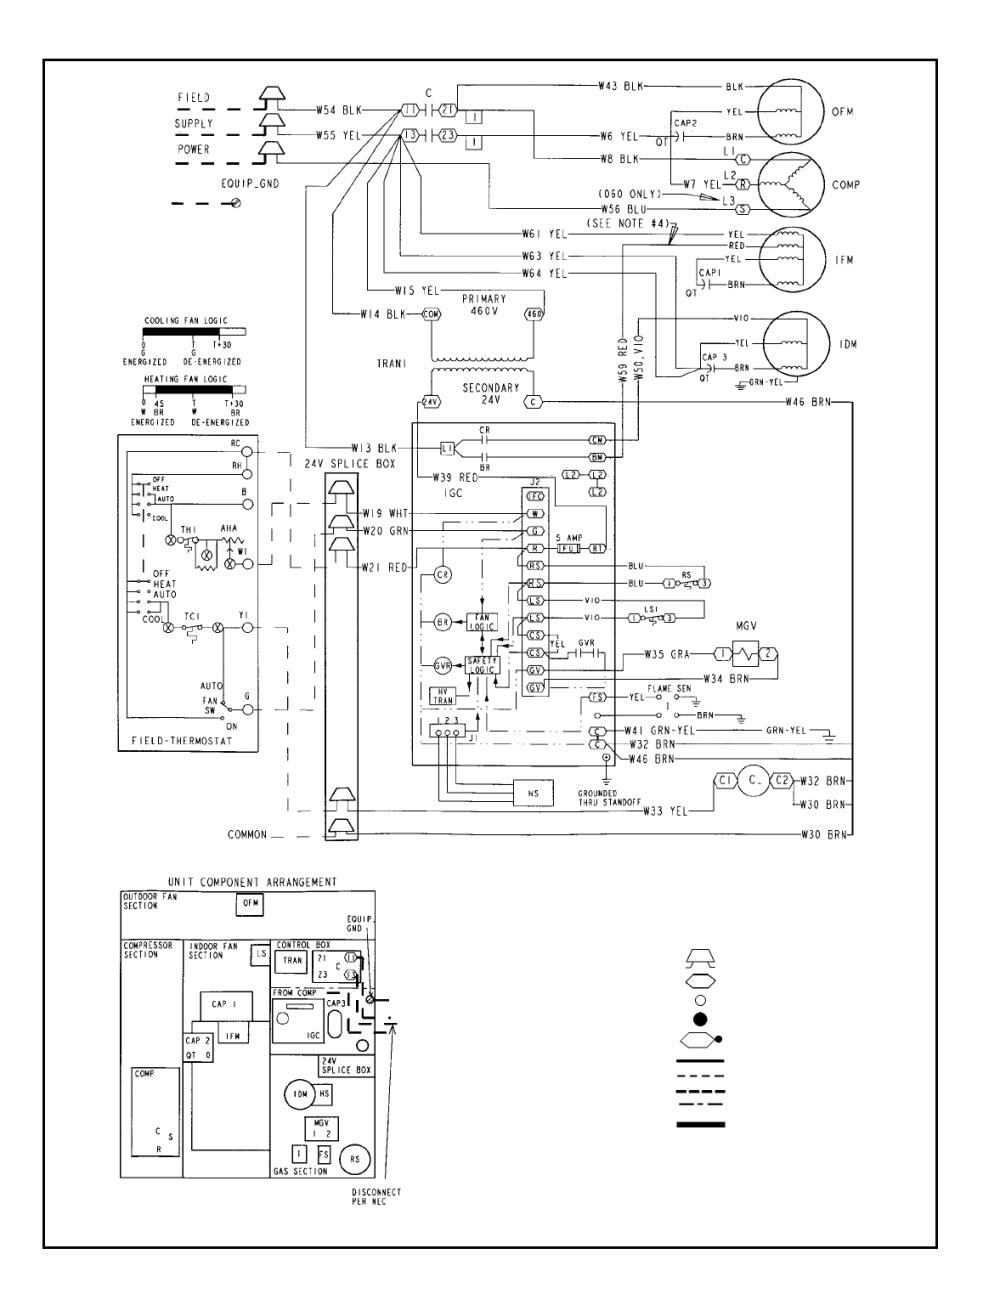 medium resolution of bryant wiring schematic